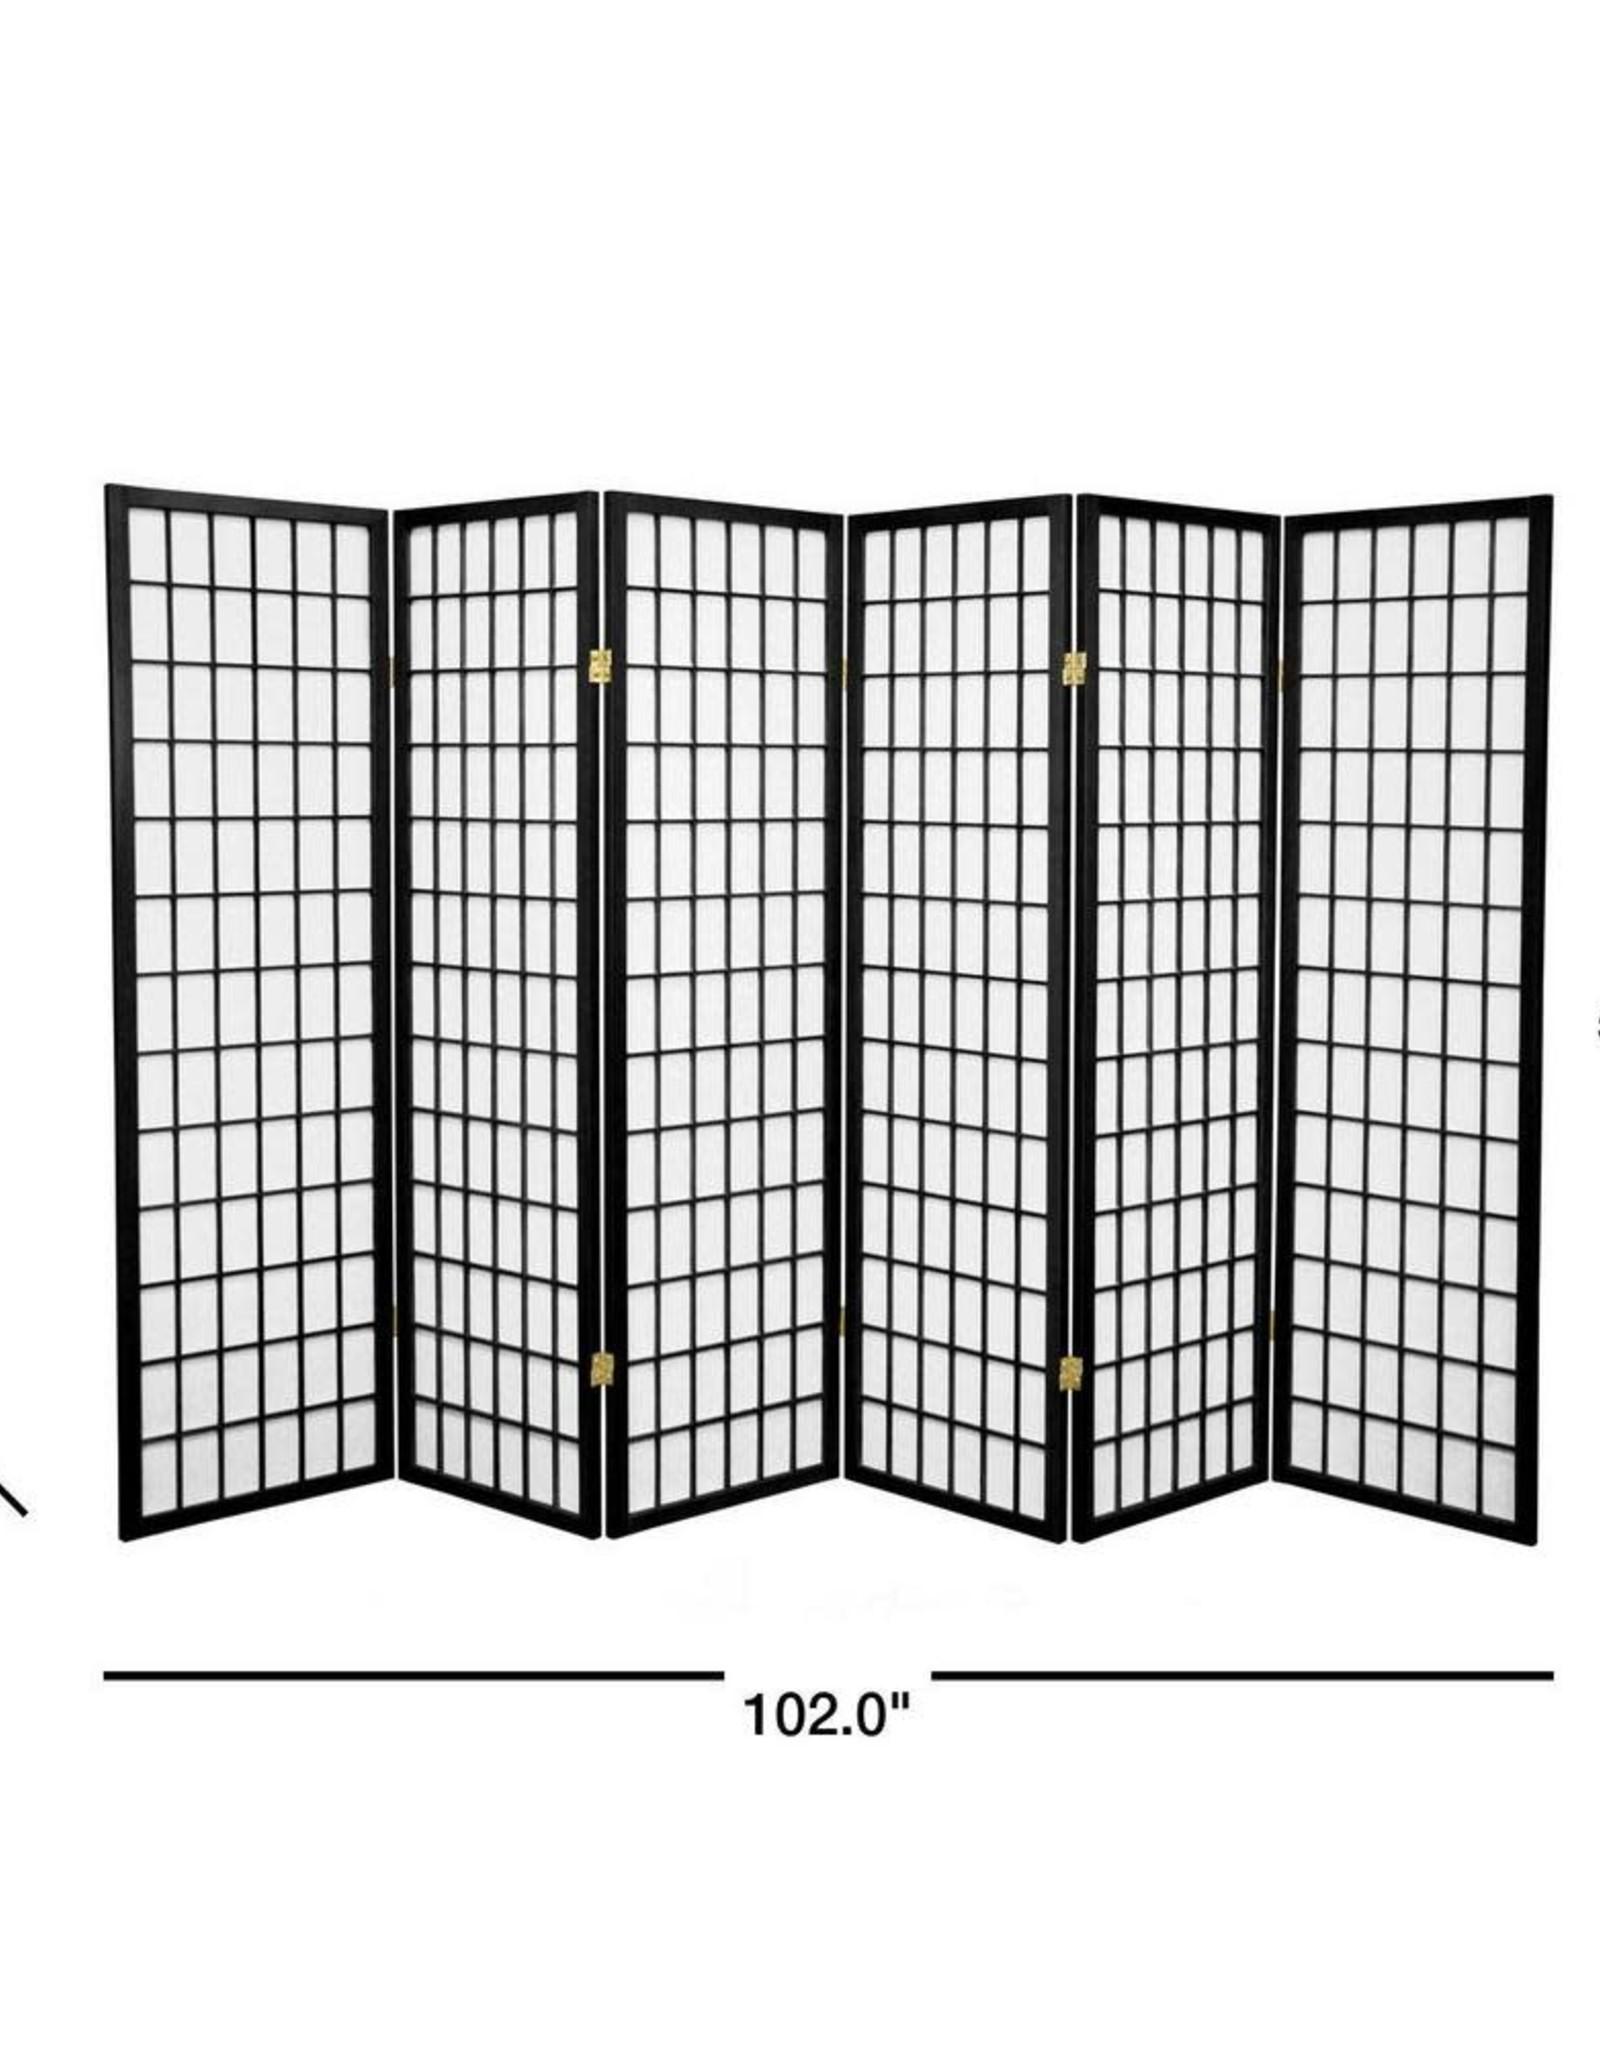 5 ft. Black 6-Panel Room Divider